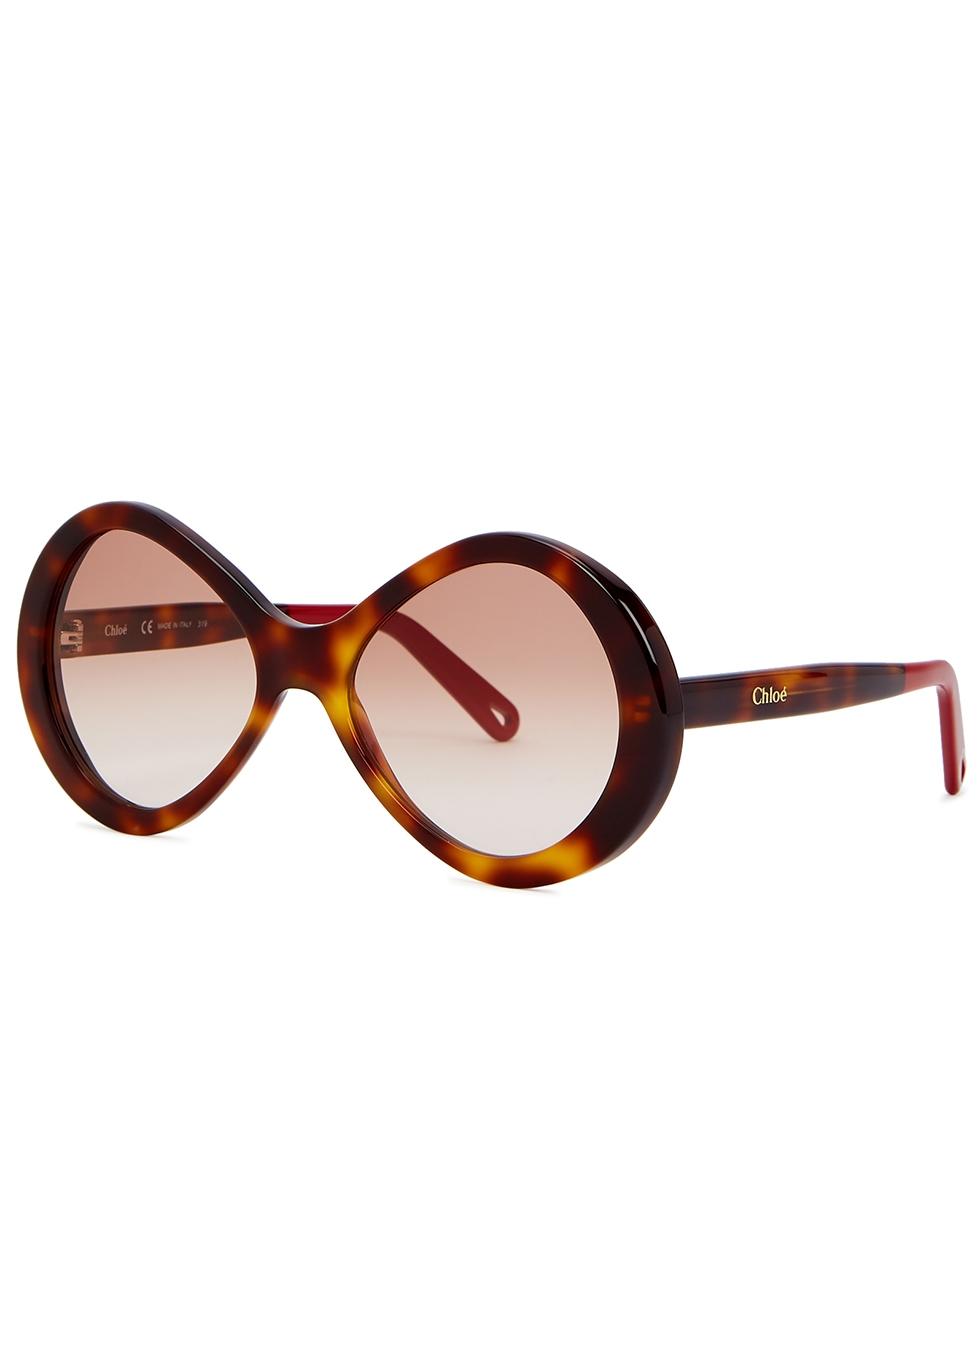 Bonnie tortoiseshell oversized sunglasses